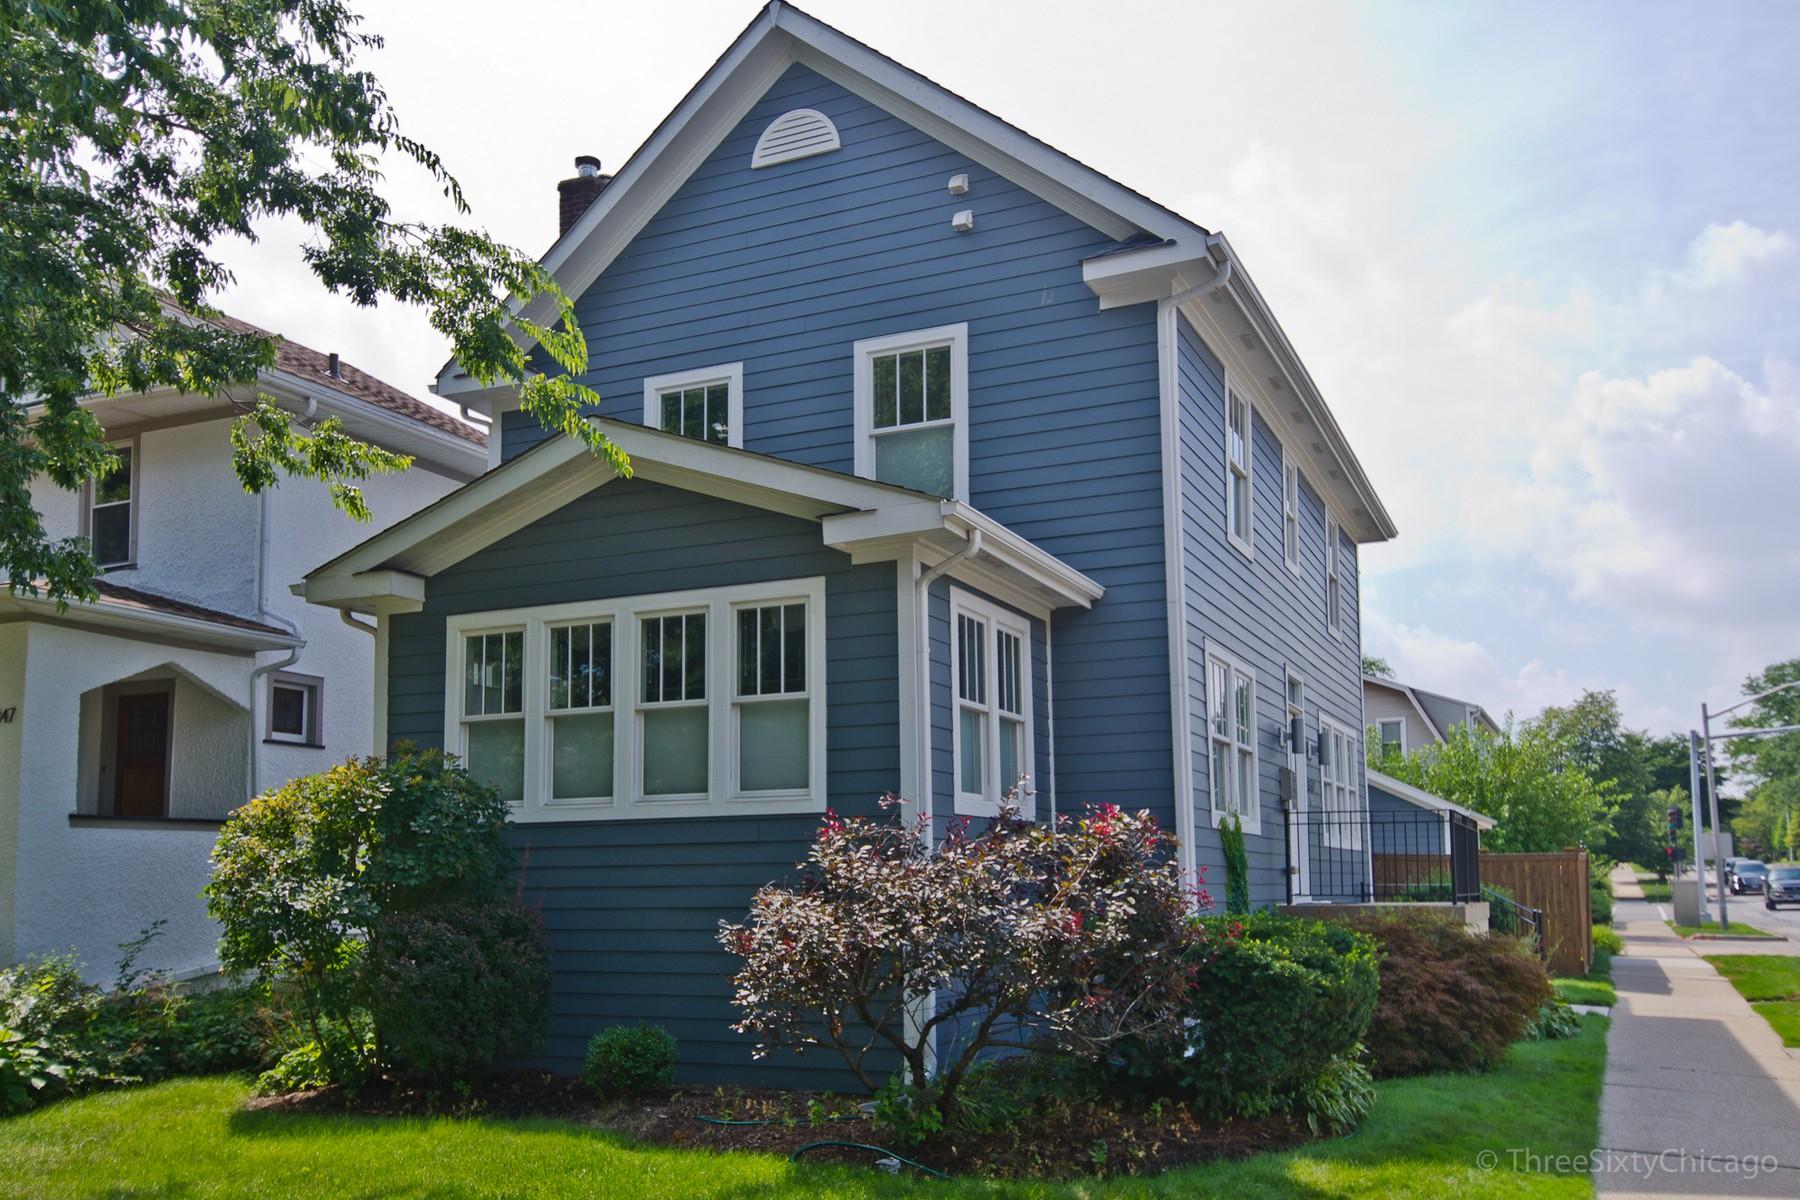 Casa para uma família para Venda às Beautiful High-End Contemporary Home 307 Division Street, Oak Park Oak Park, Illinois, 60302 Estados Unidos